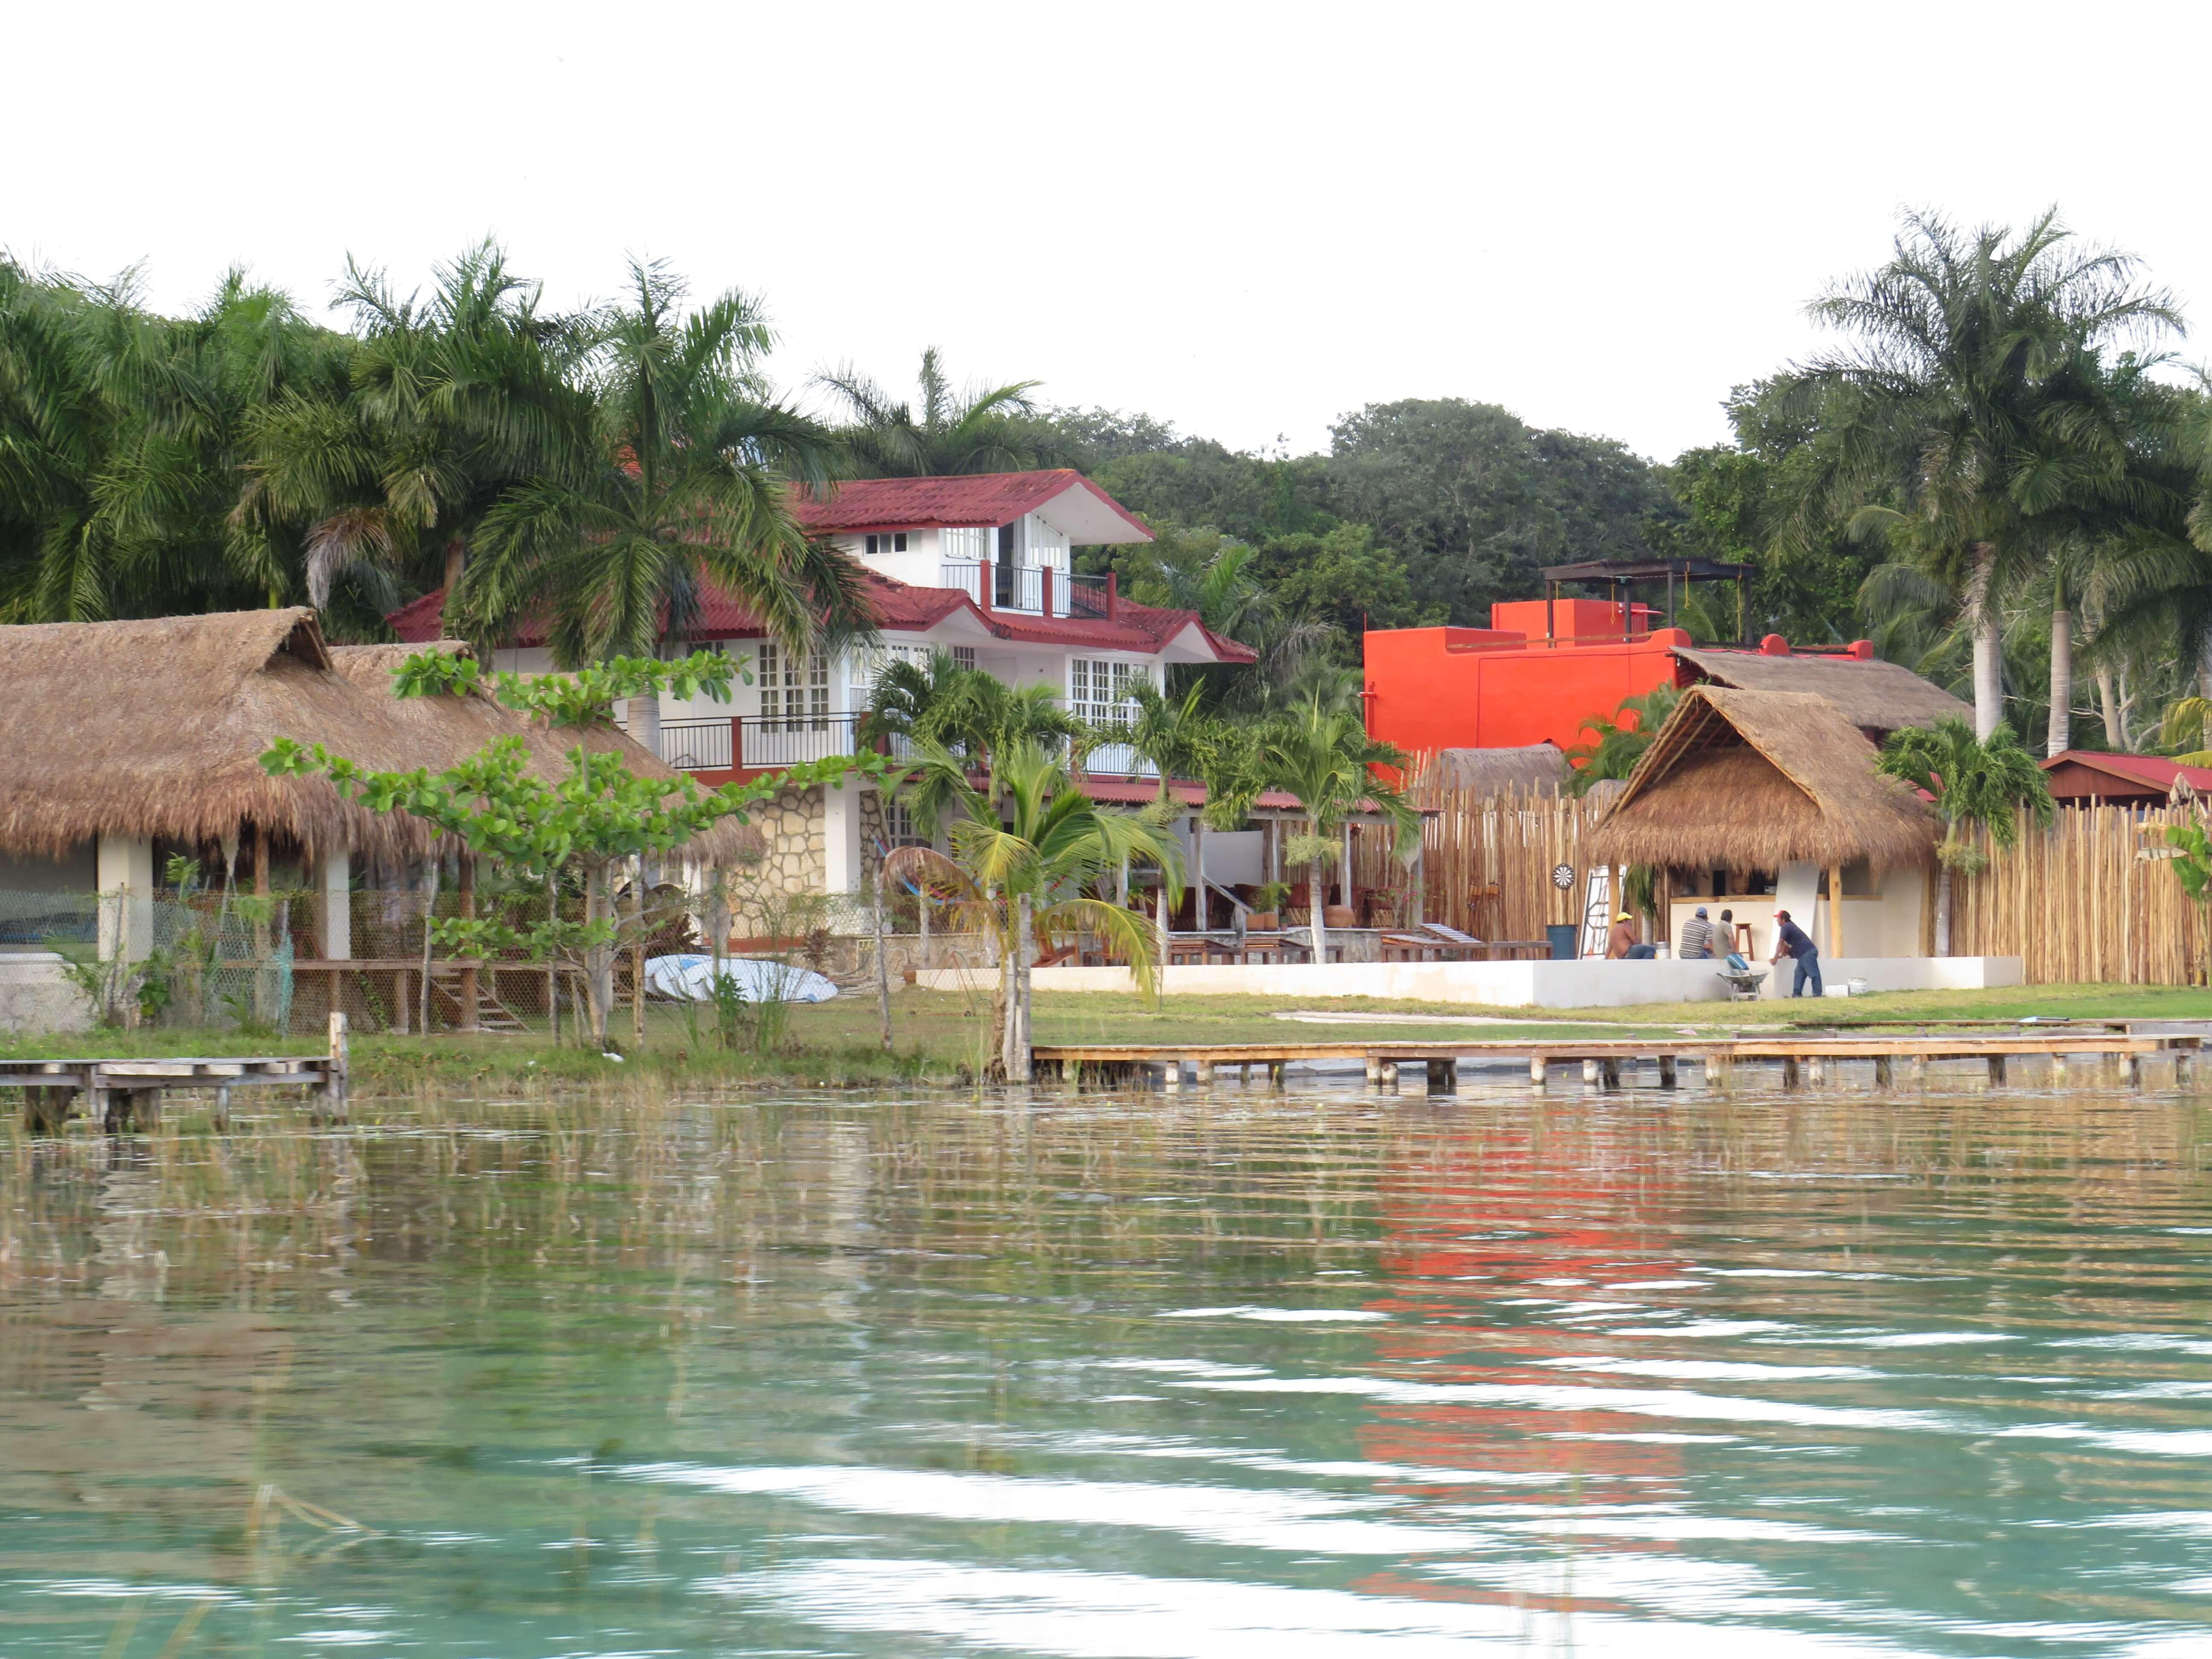 Bootstour auf der Lagune in Mexiko